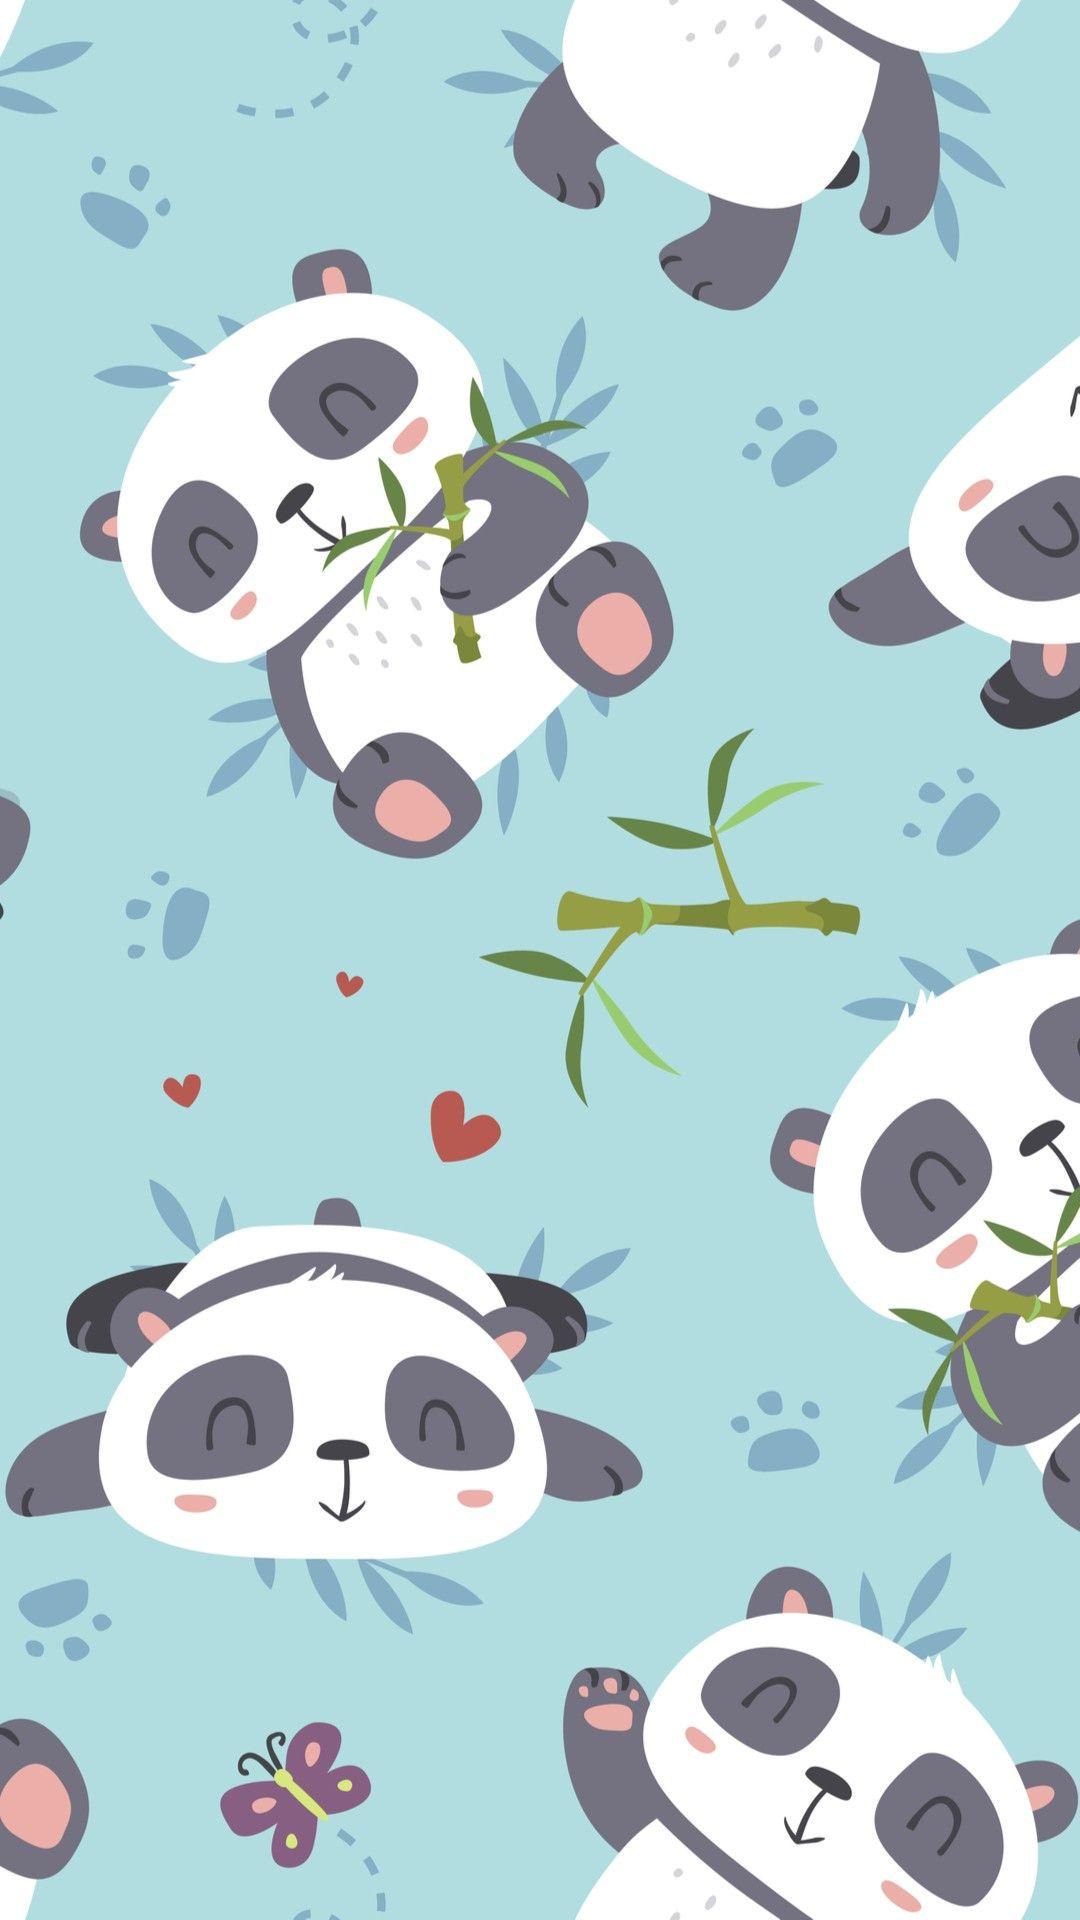 Fondos De Pantalla Cute Panda Wallpaper Panda Wallpapers Wallpaper Iphone Cute